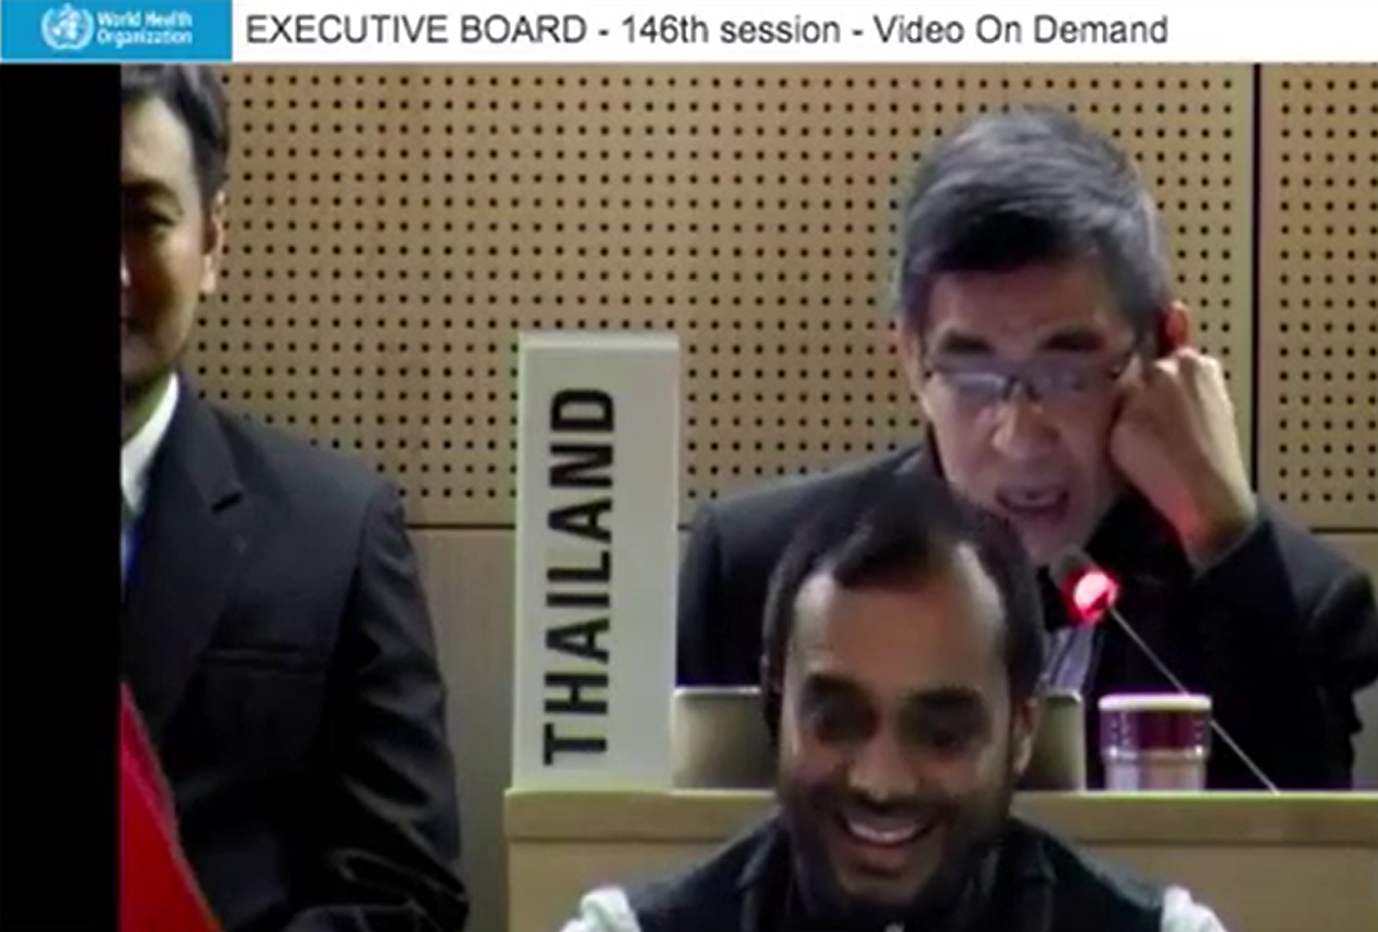 2020年2月6日泰國代表說:「主席,全球中共肺炎的旅行禁令都沒人在理的,例如WHO秘書長譚德塞,他才剛去過北京。」(擷自WHO官方影片)